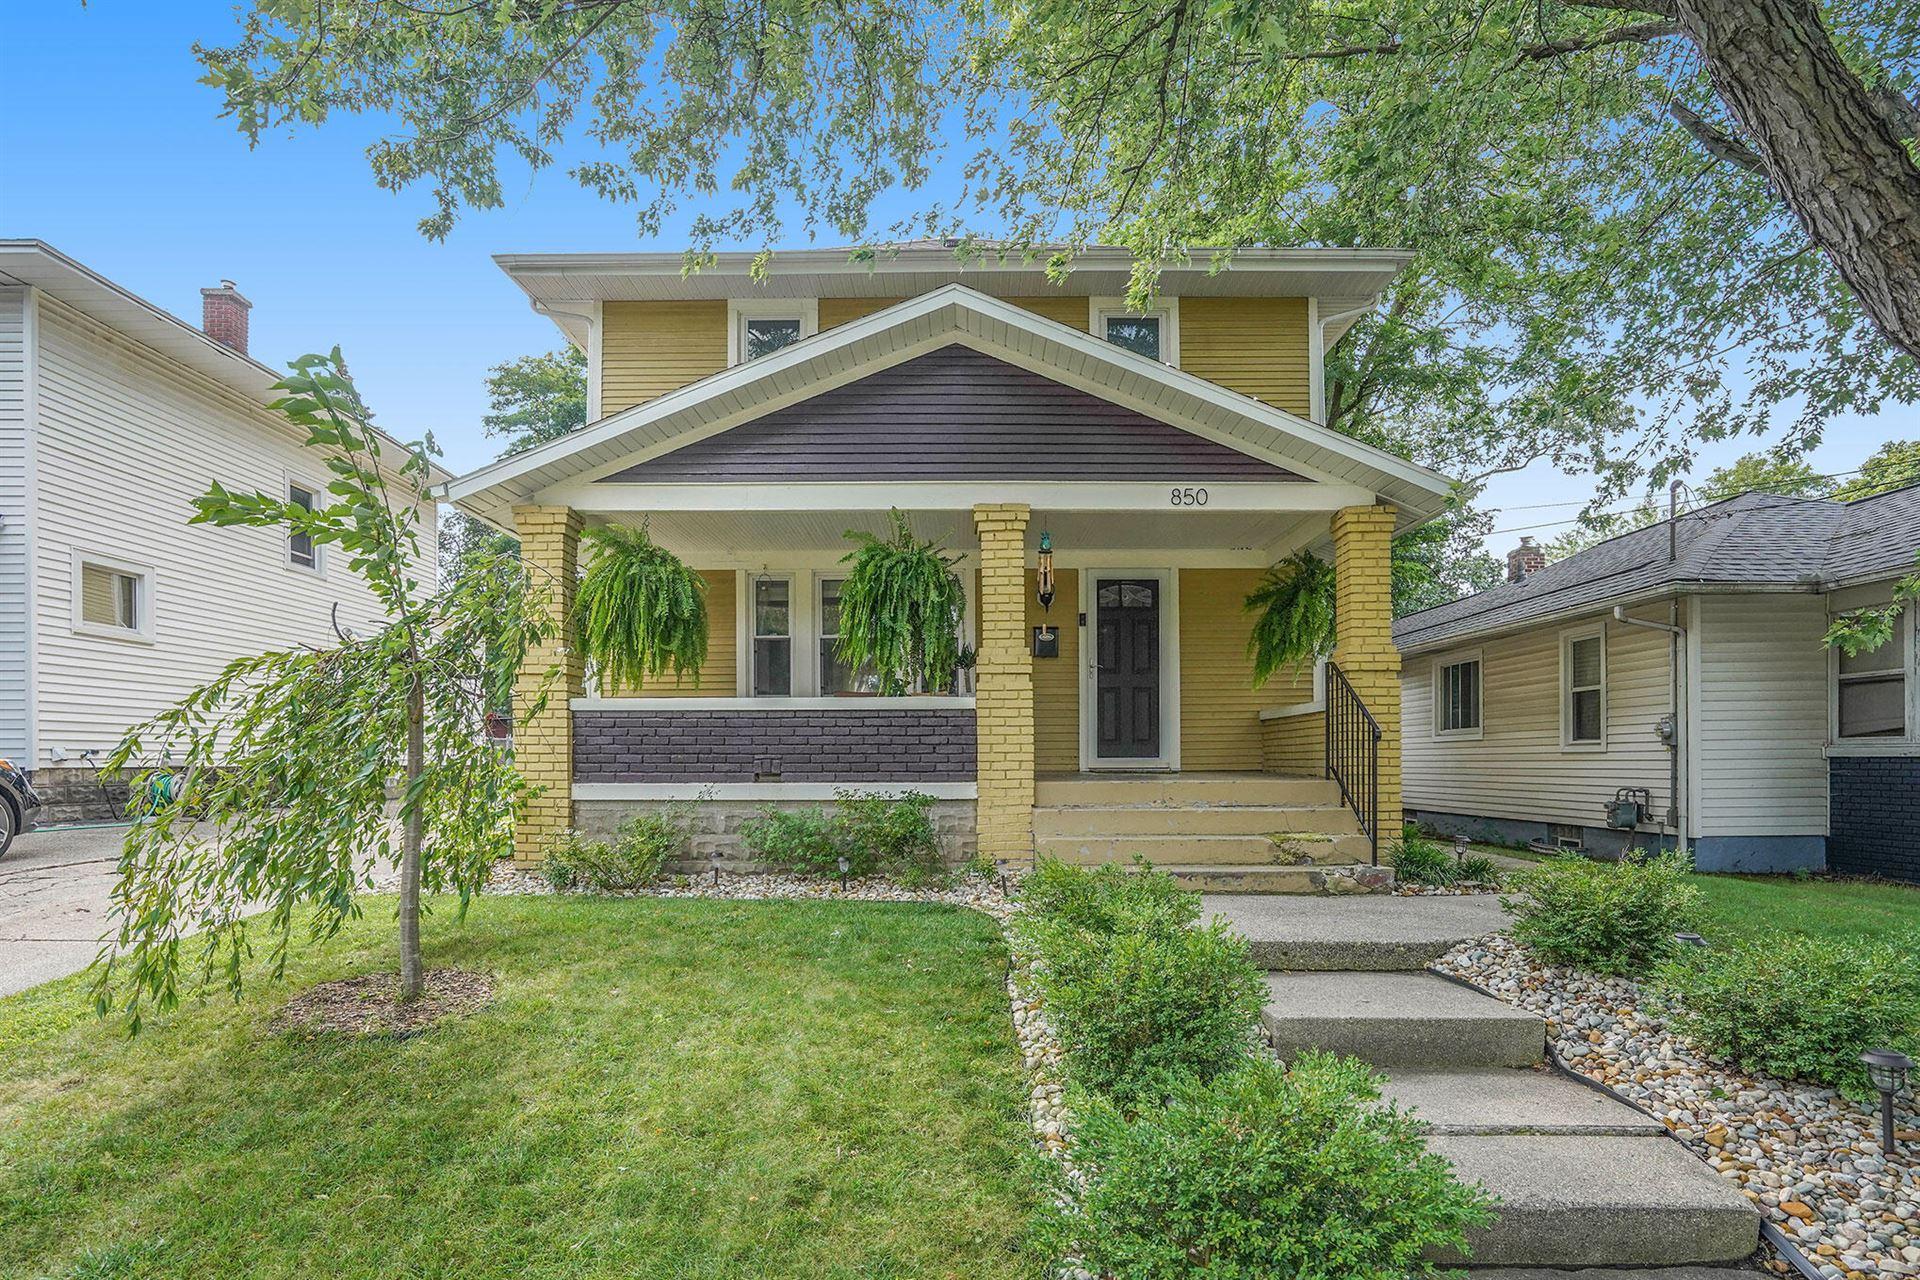 850 Elliott Street SE, Grand Rapids, MI 49507 - MLS#: 21105824